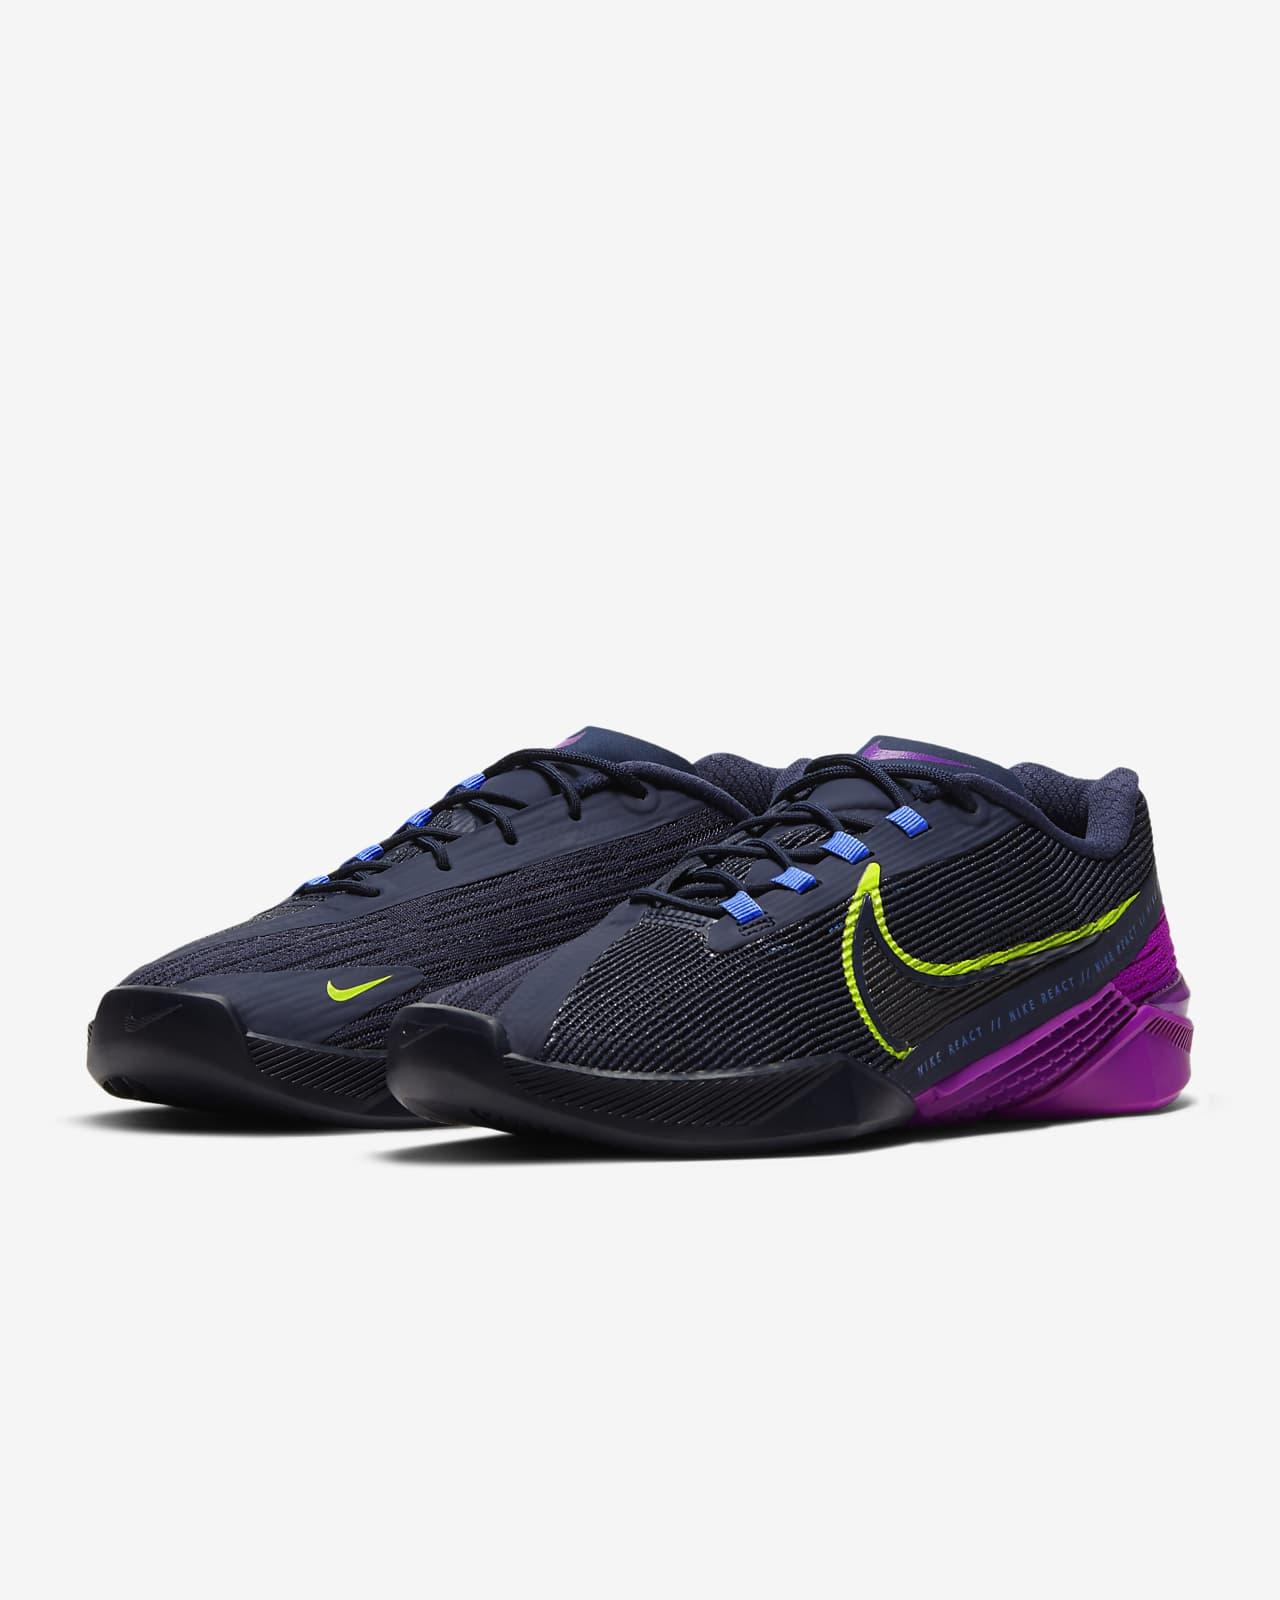 Nike React Metcon Turbo Women's Training Shoe. Nike LU